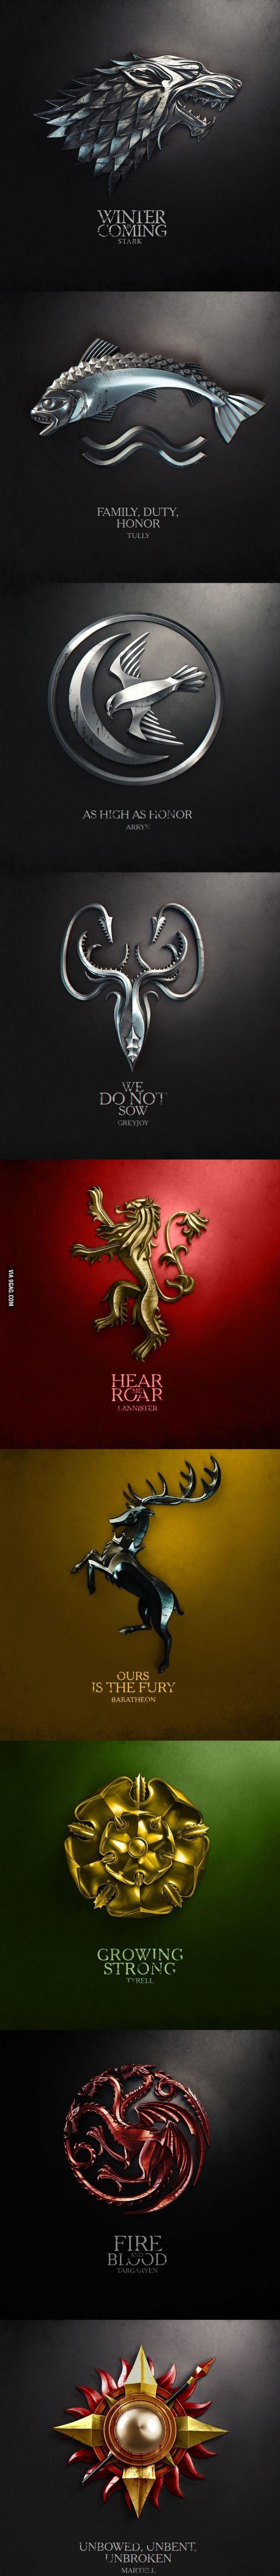 uma dessas casas para fazer a tatuagem.. ao final da série decidirei.. Game Of Thrones